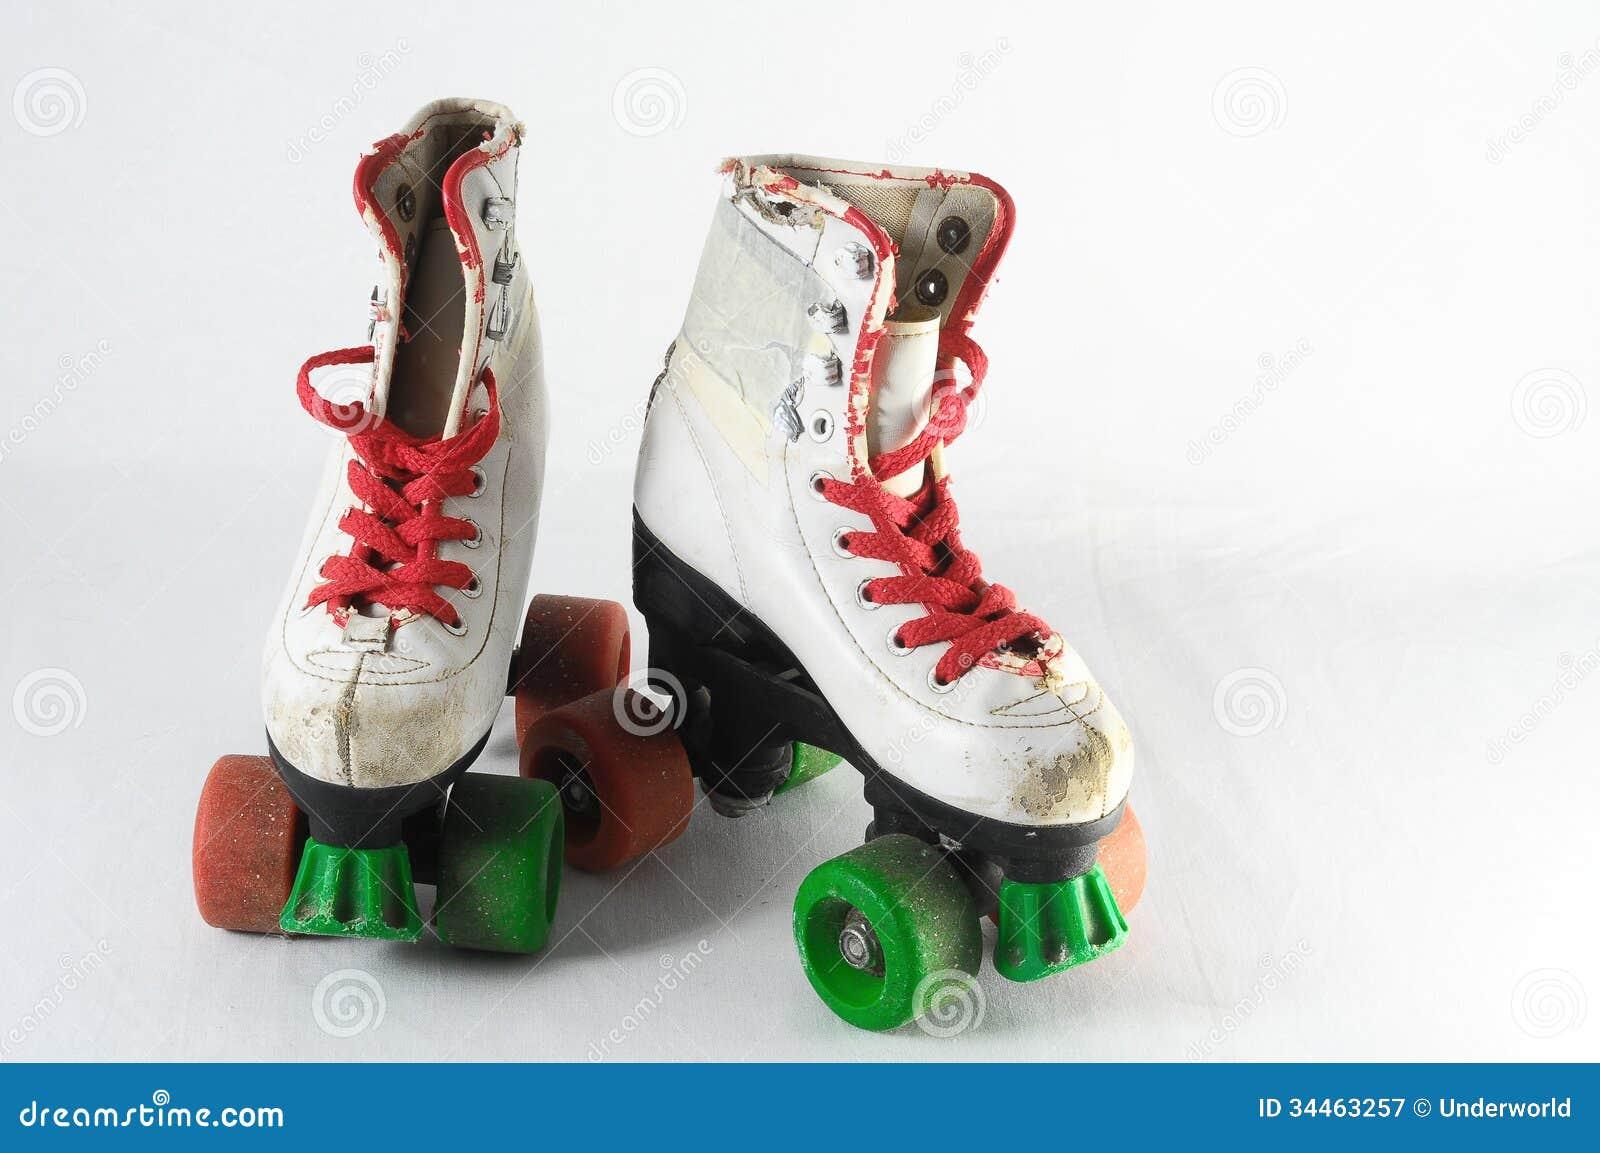 Roller skates in the 70s - Consumed Roller Skate